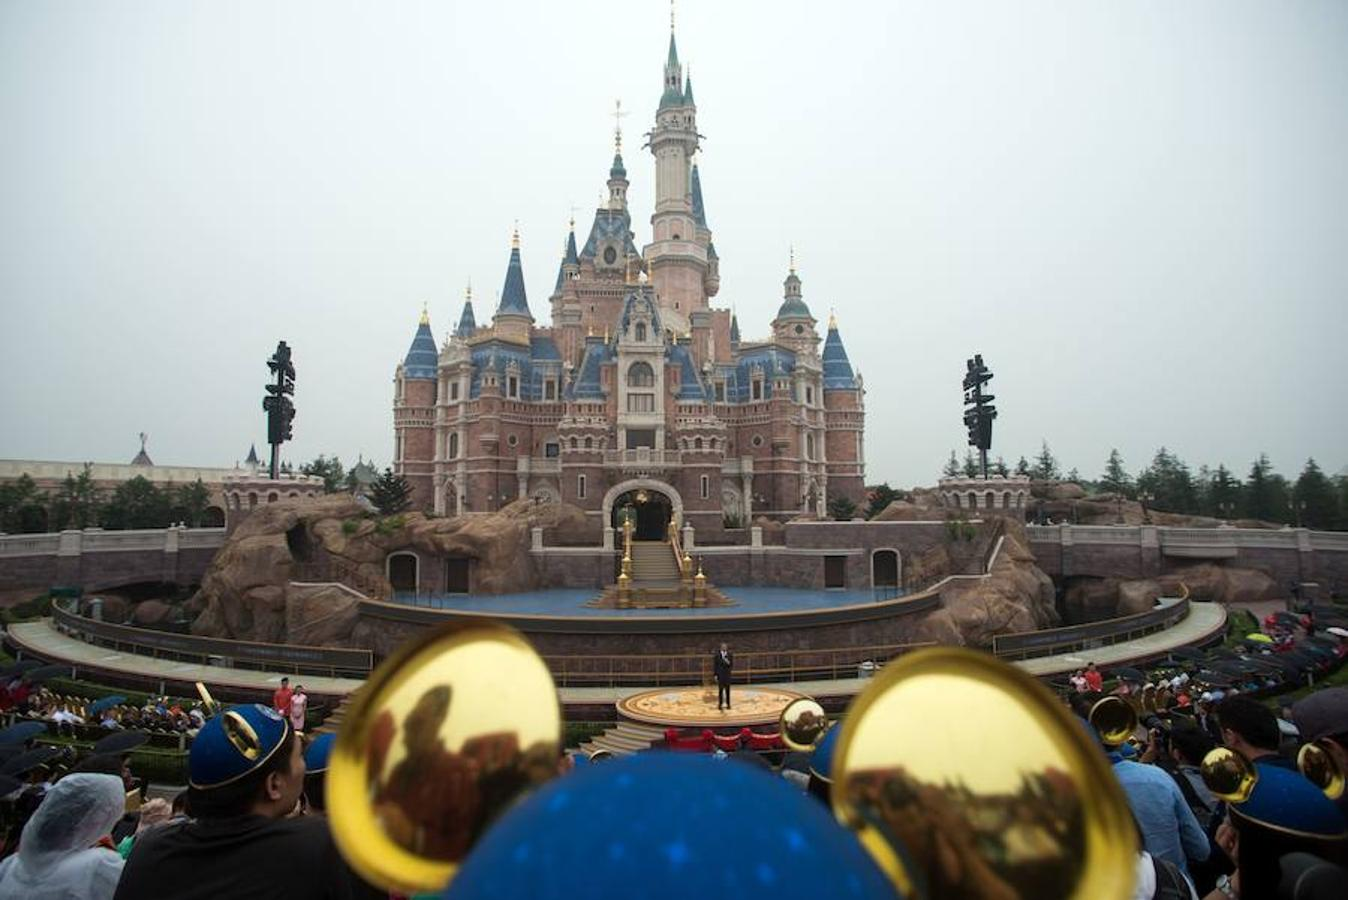 El castillo más alto de Disney